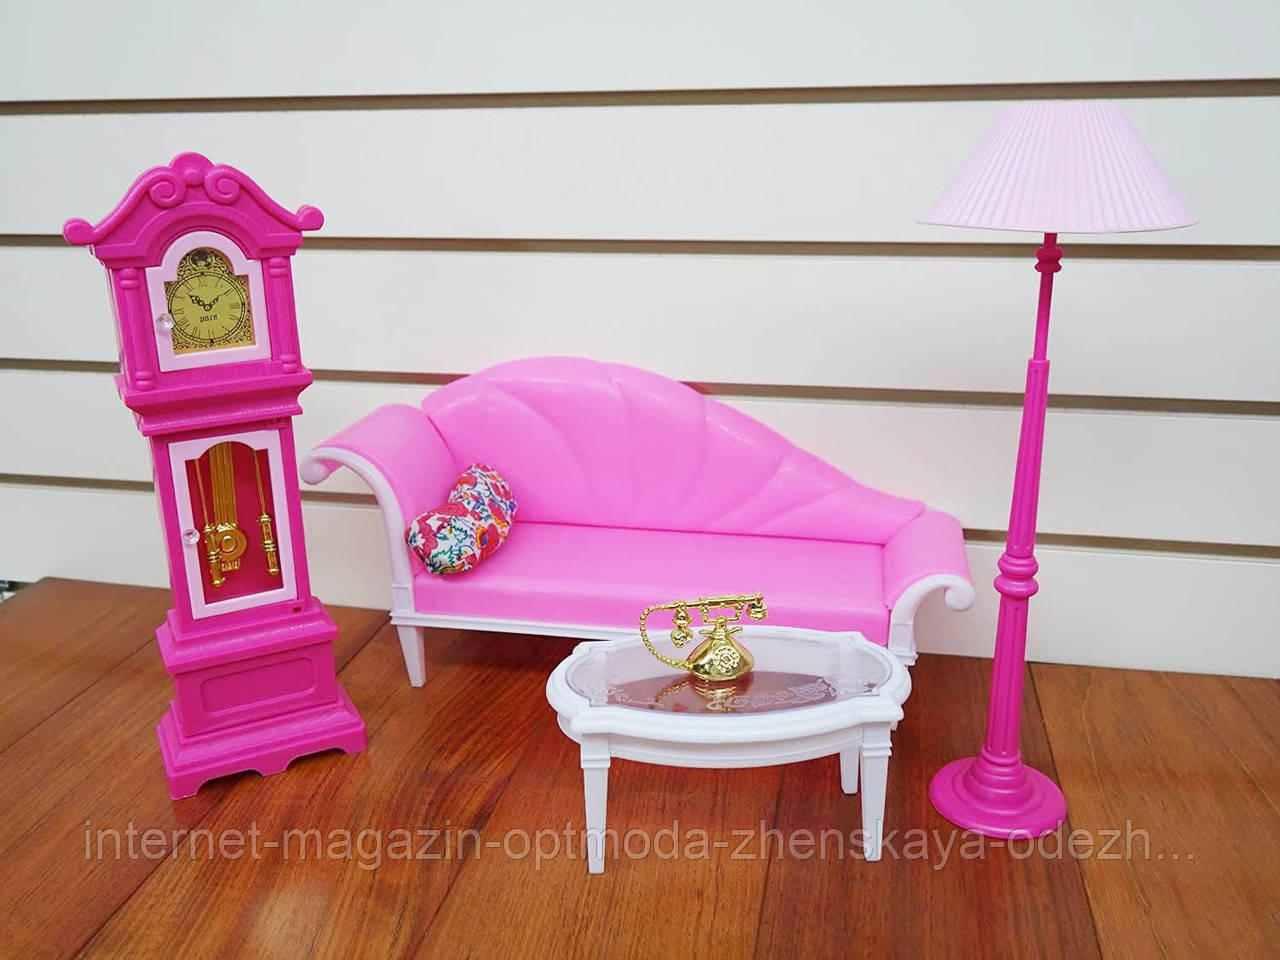 Красива «Меблі Gloria» для лялькових будиночків